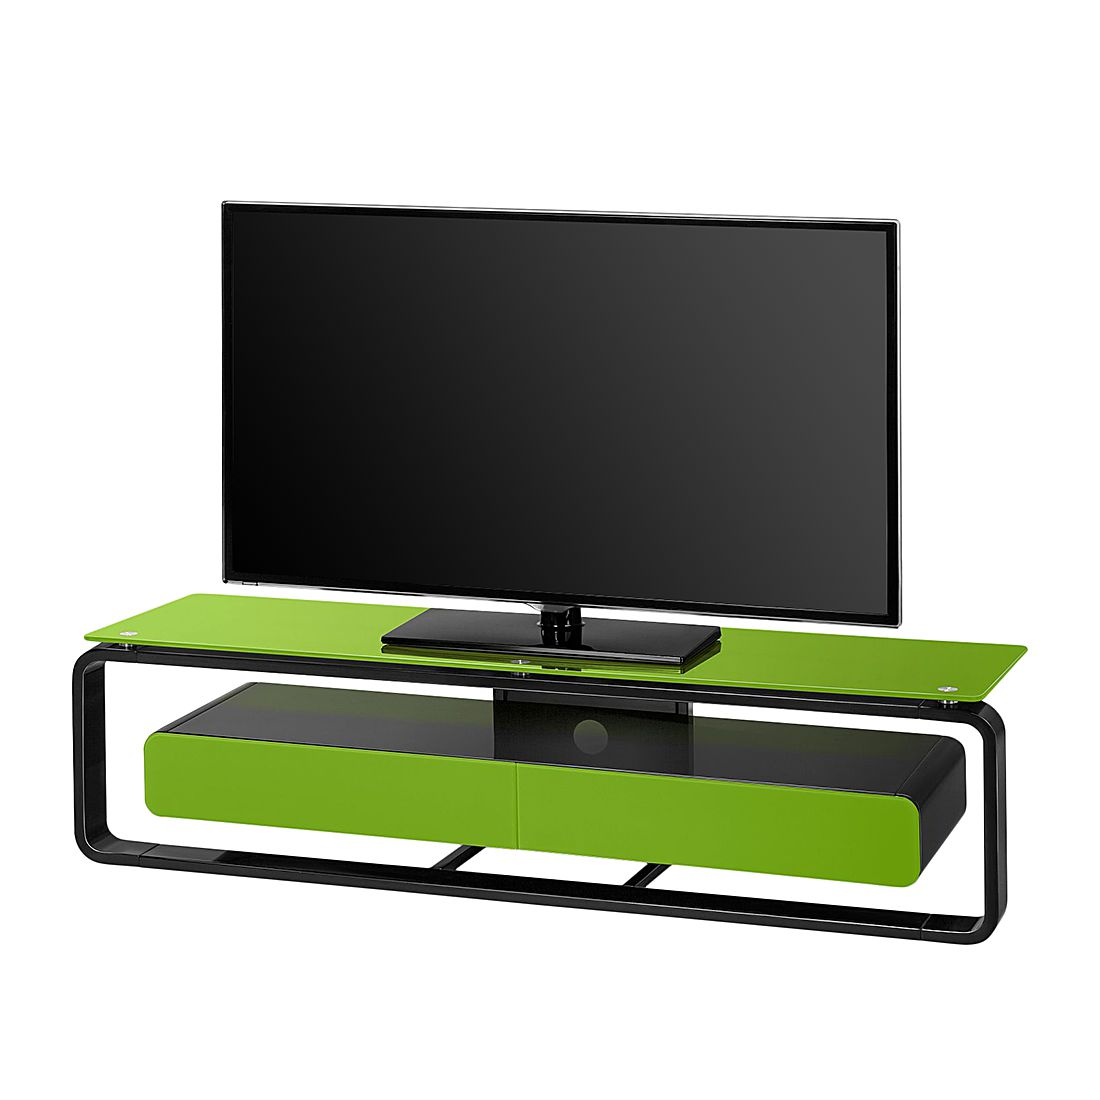 tv rack glas preisvergleich die besten angebote online kaufen. Black Bedroom Furniture Sets. Home Design Ideas